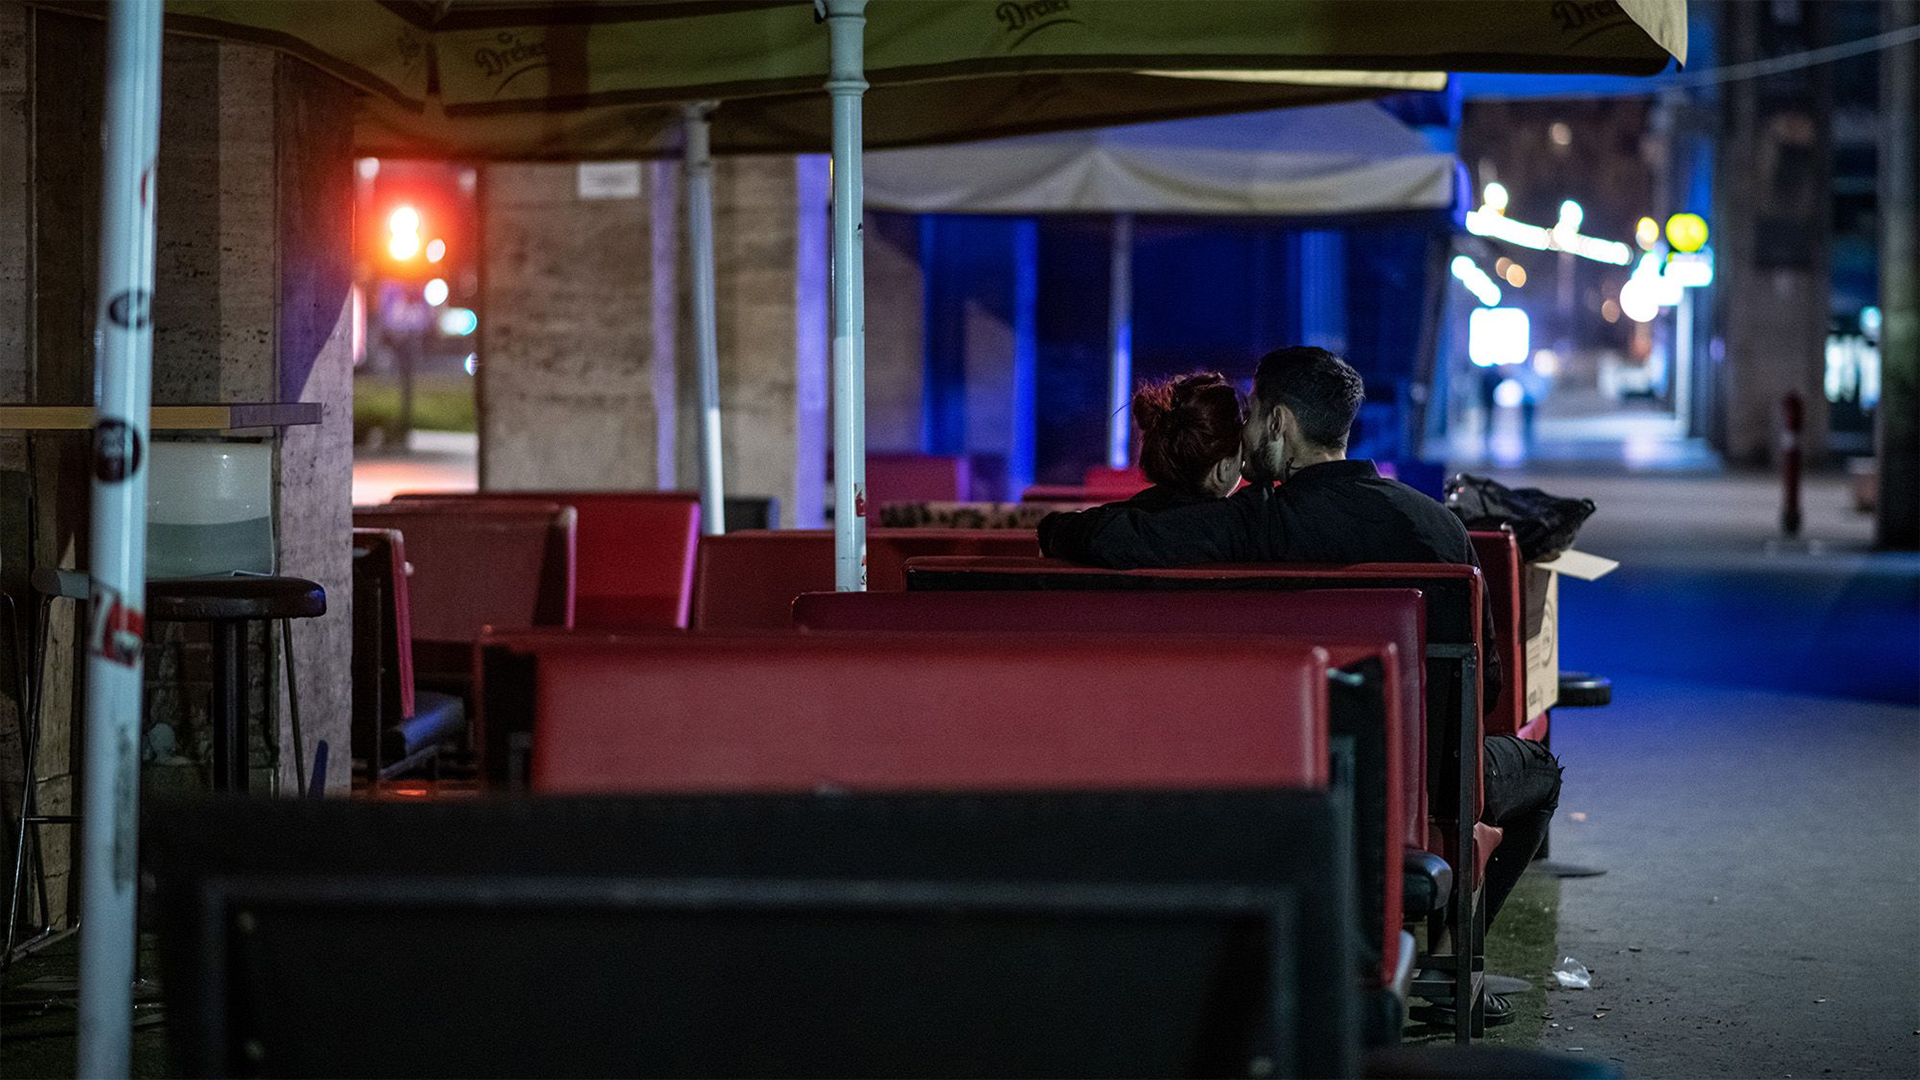 Gyászmenetet szerveznek a bulinegyedért